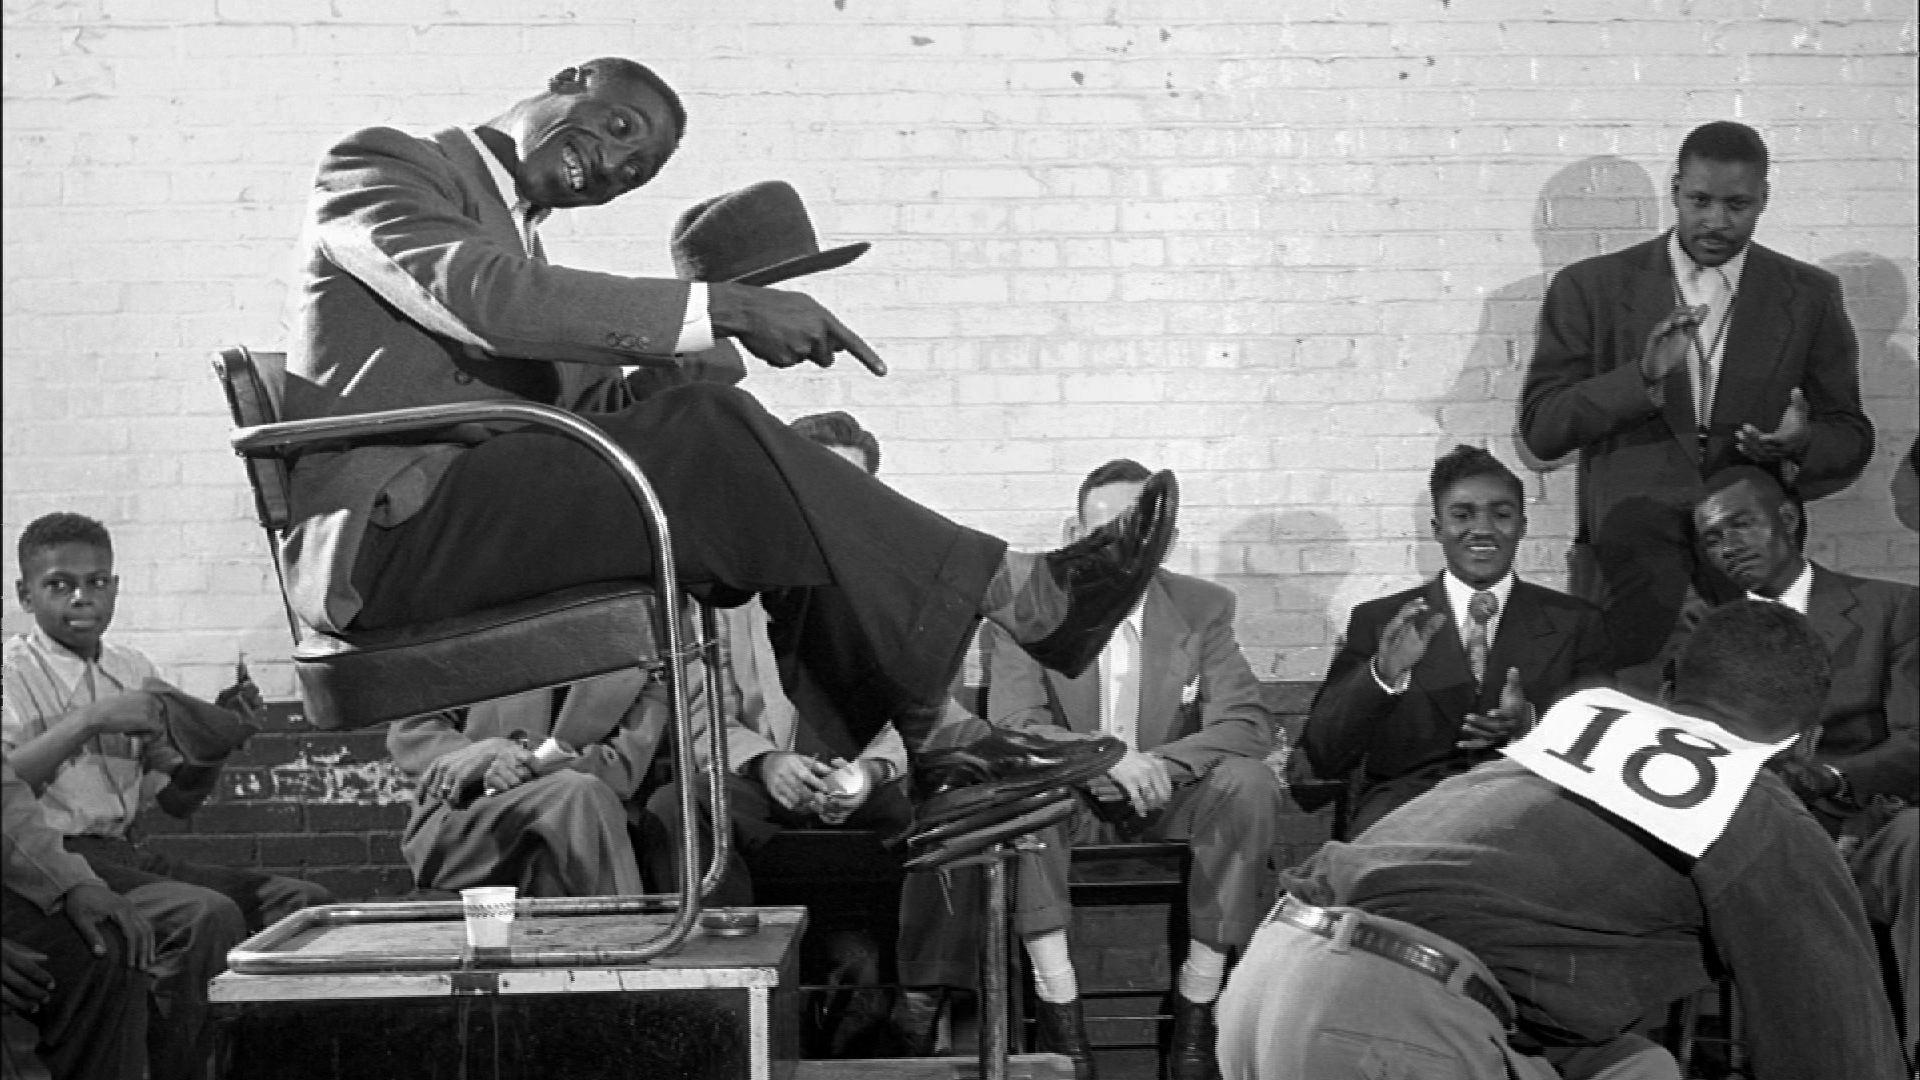 Shoeshine Competition image